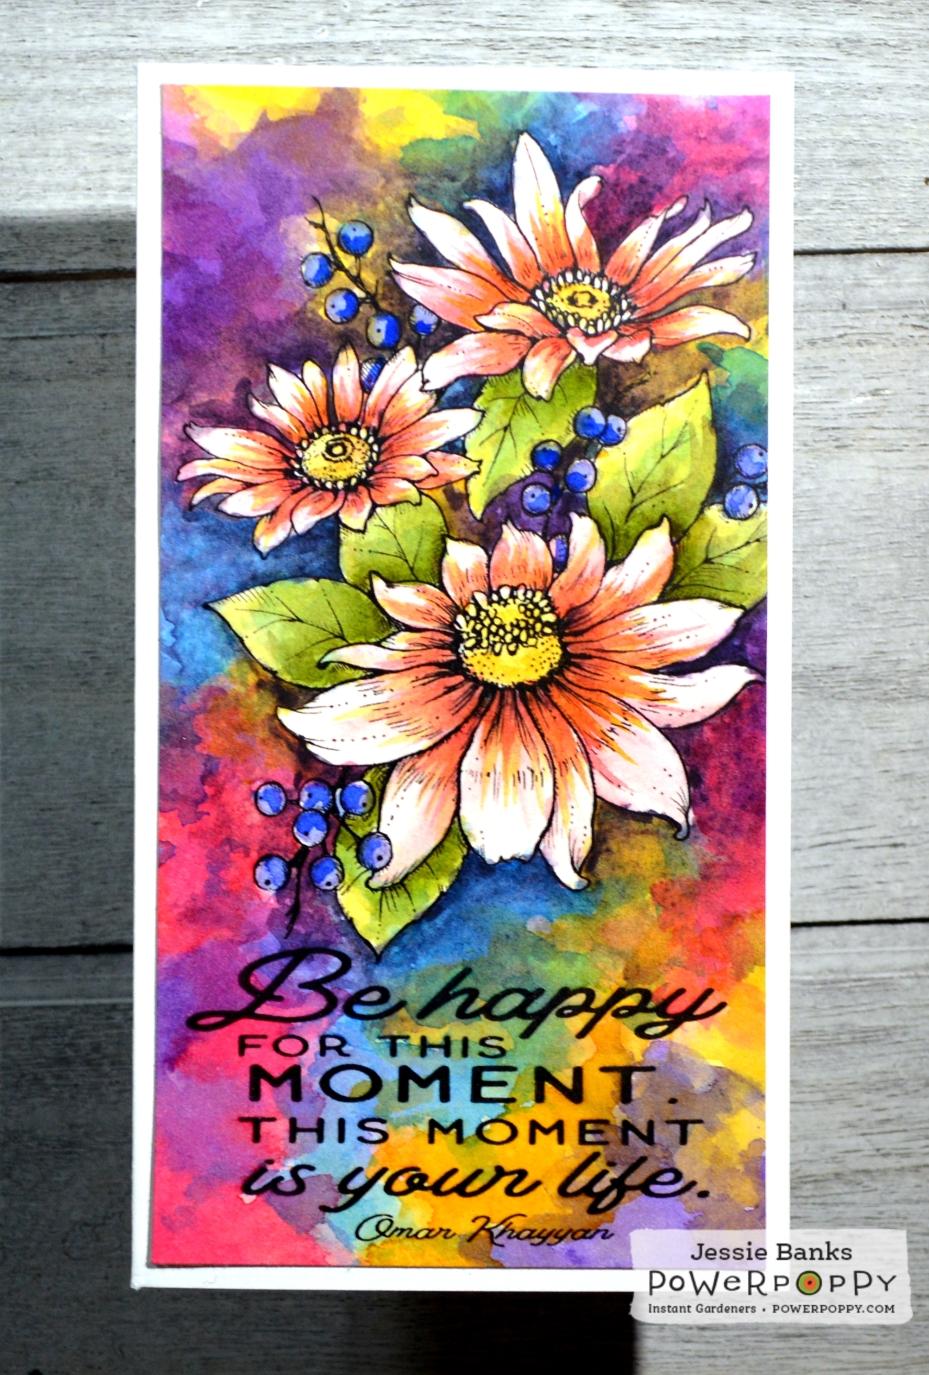 Power Poppy - Boutiful Bouquet - Jessie Banks.jpg